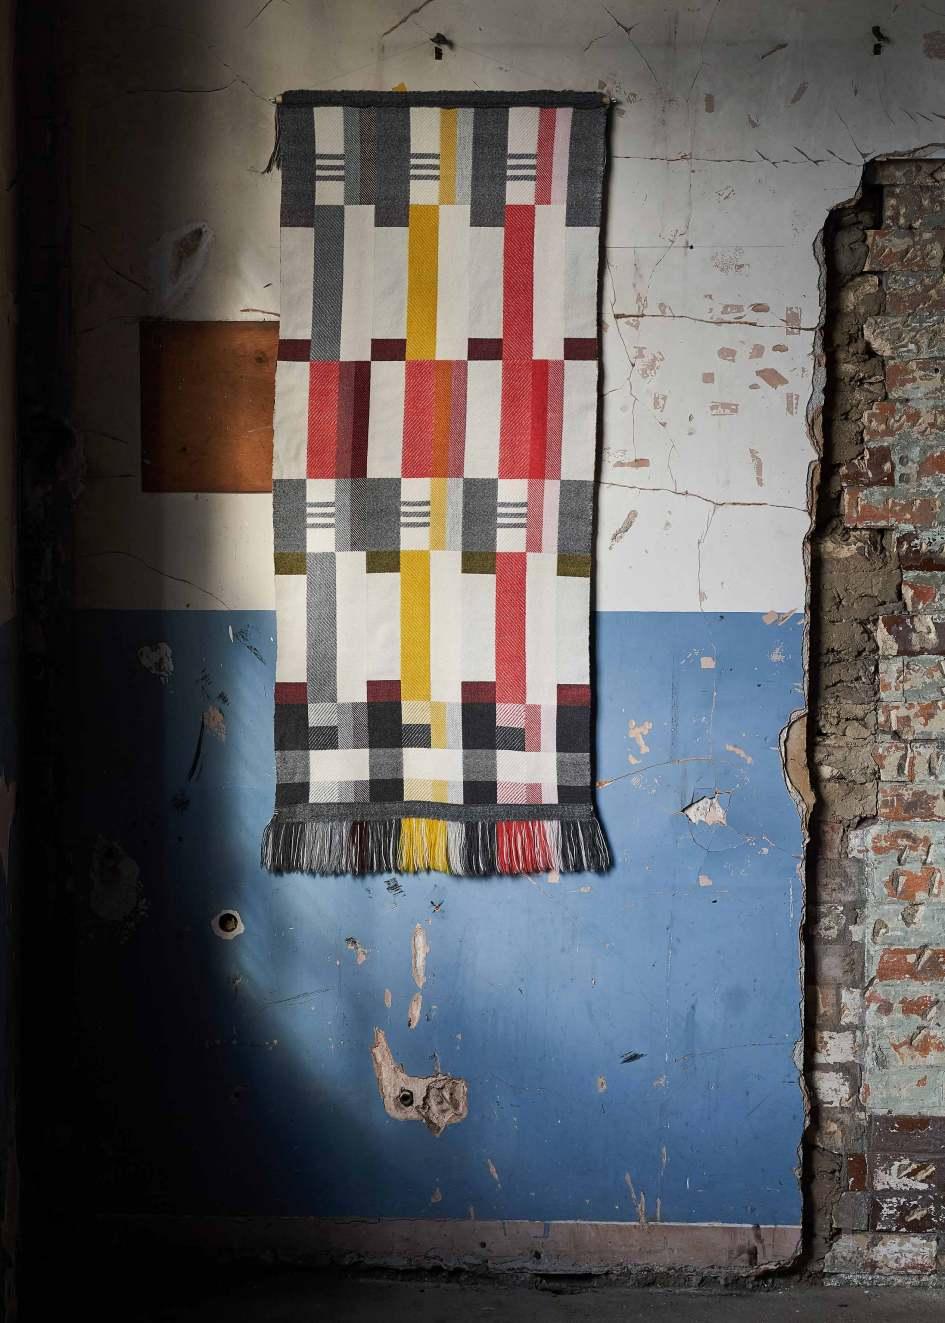 Pamela Print Wall Art Art Deco Geometric block colour Bauhaus modernist